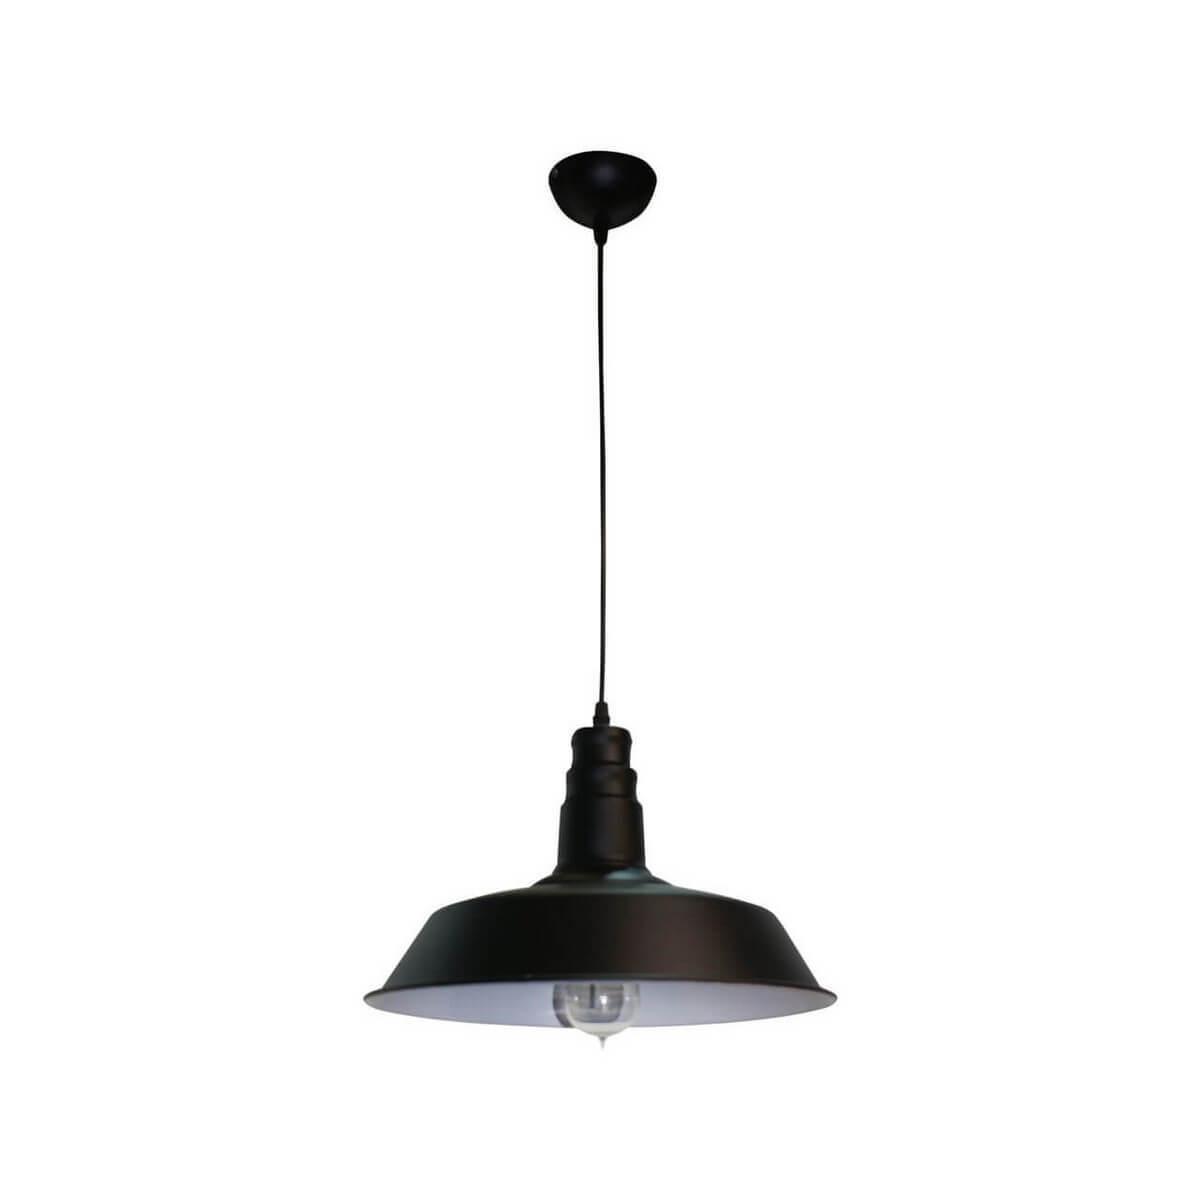 Подвесной светильник Kink Light 08301,19, E27, 40 Вт kink light подвесной светодиодный светильник kink light парете 08725 2